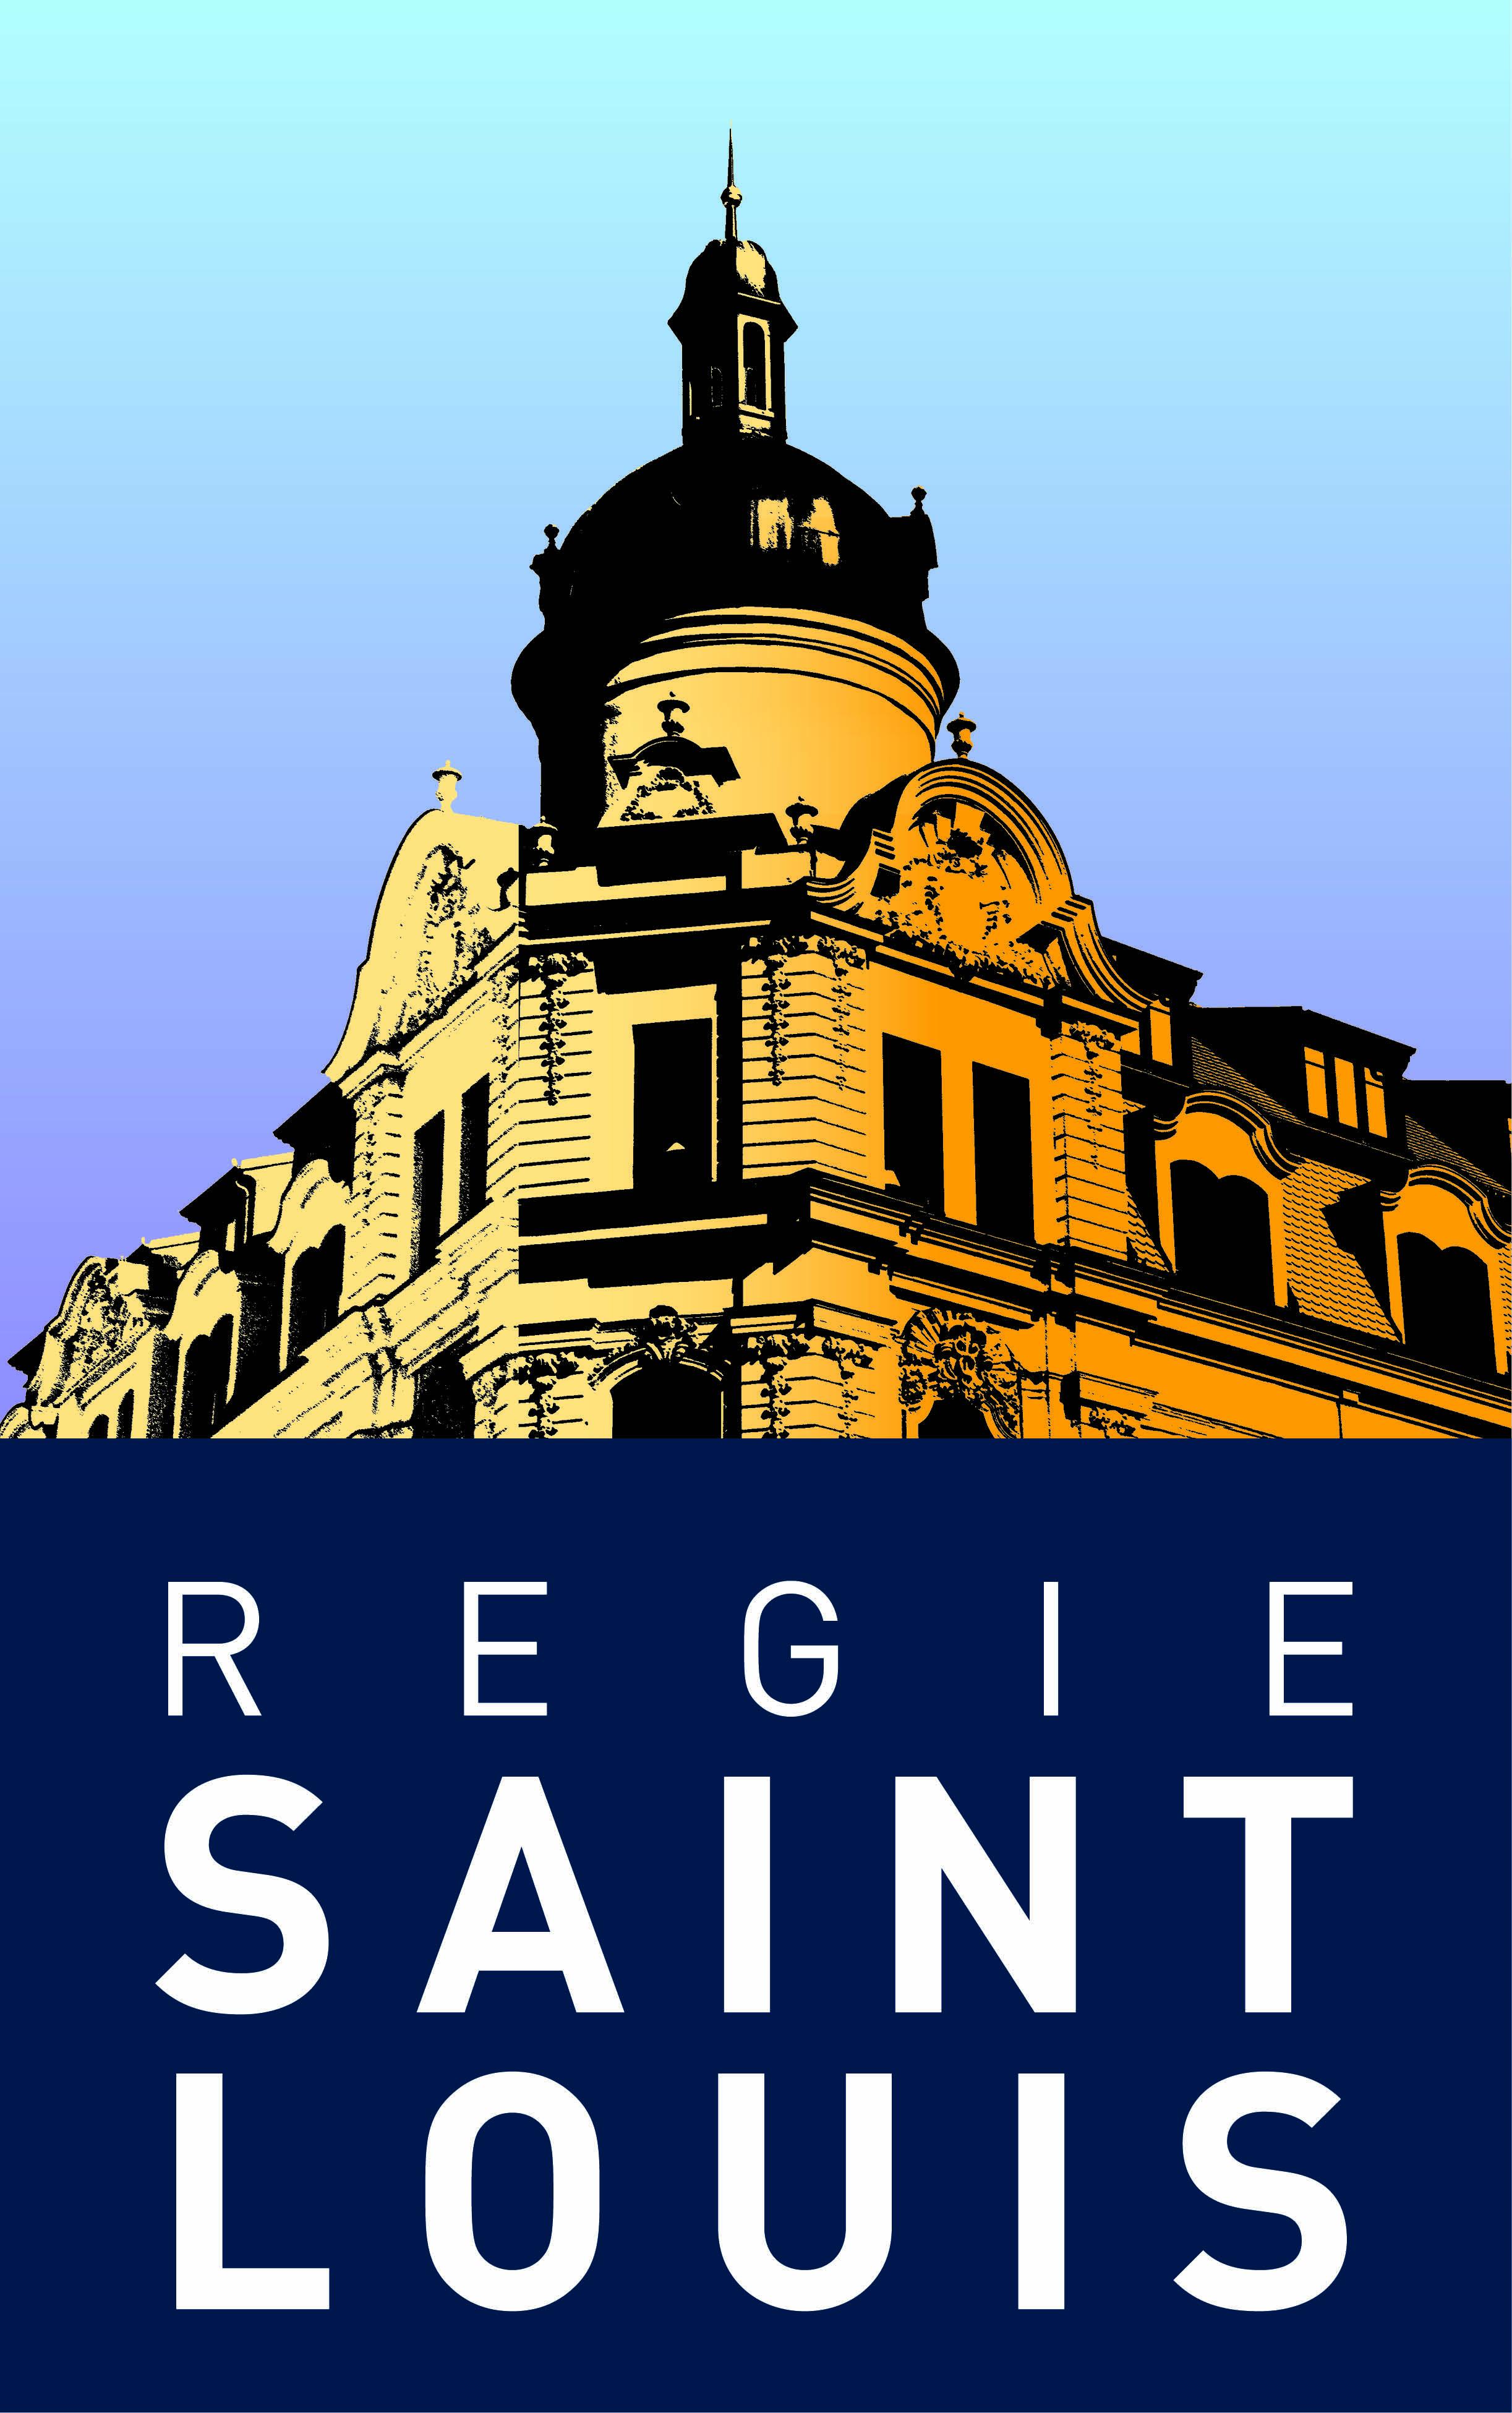 Image de l'agence Régie SAINT LOUIS